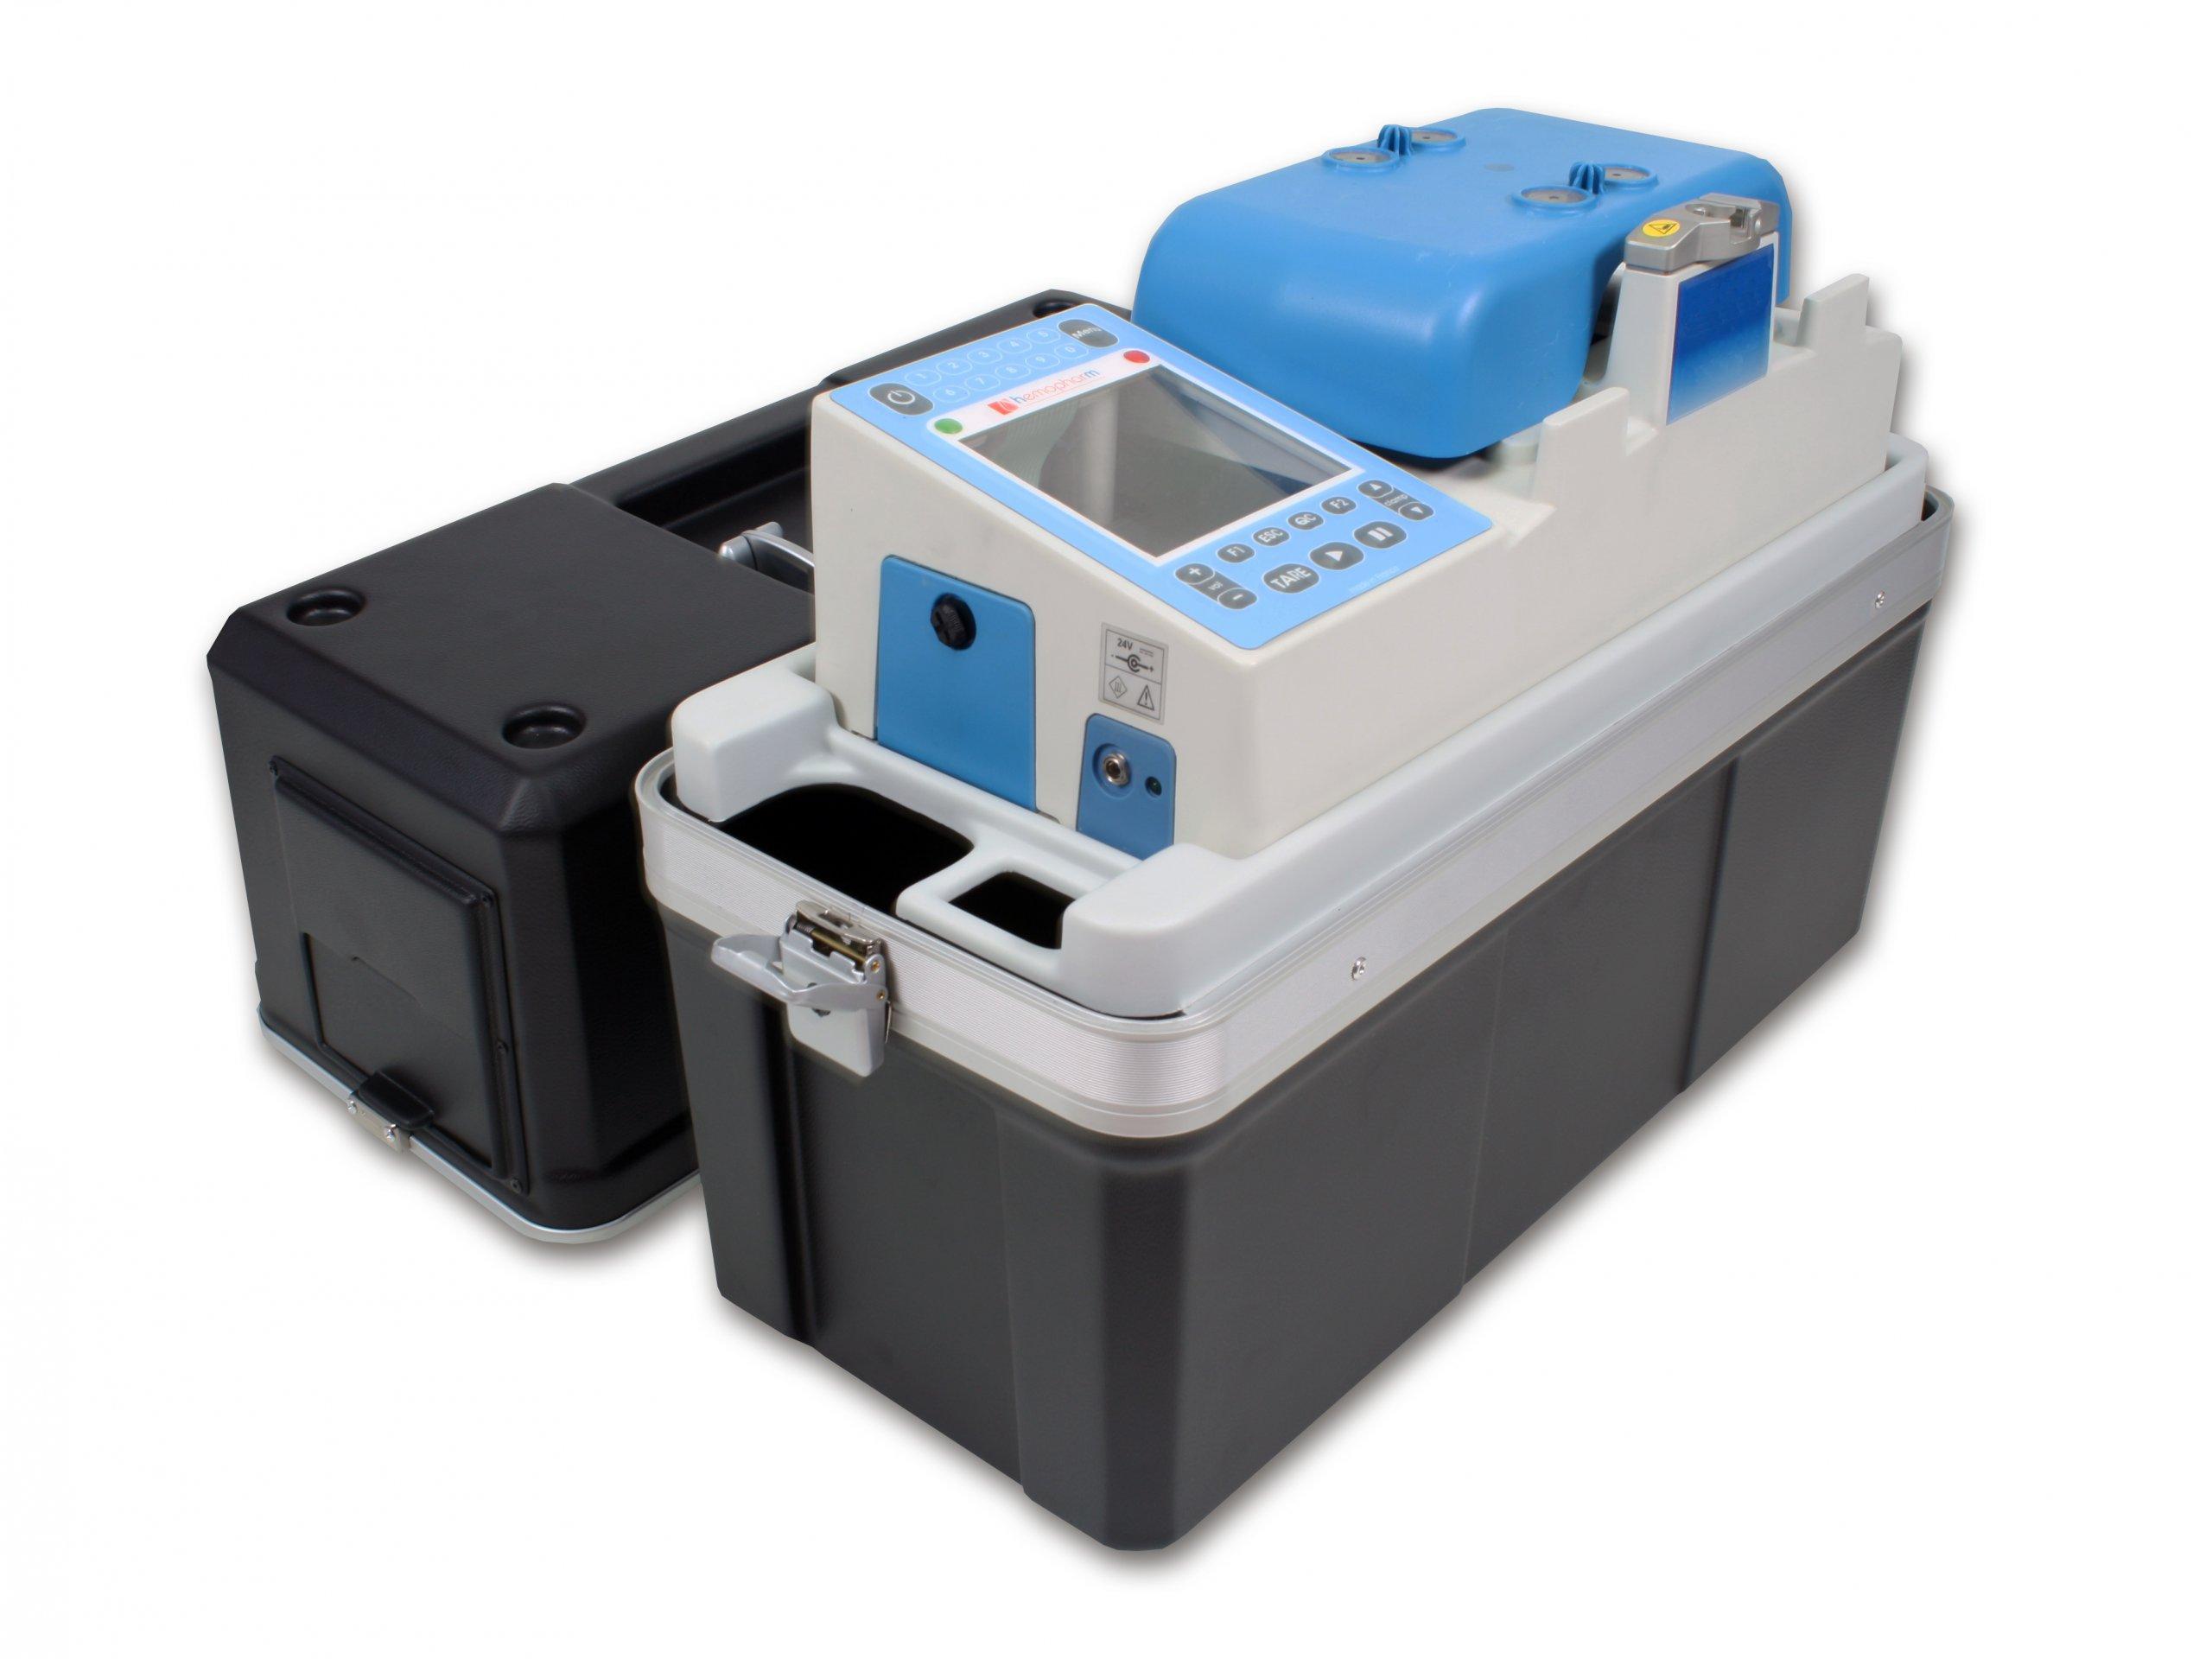 Koffer mit spezieller Inneneinrichtung